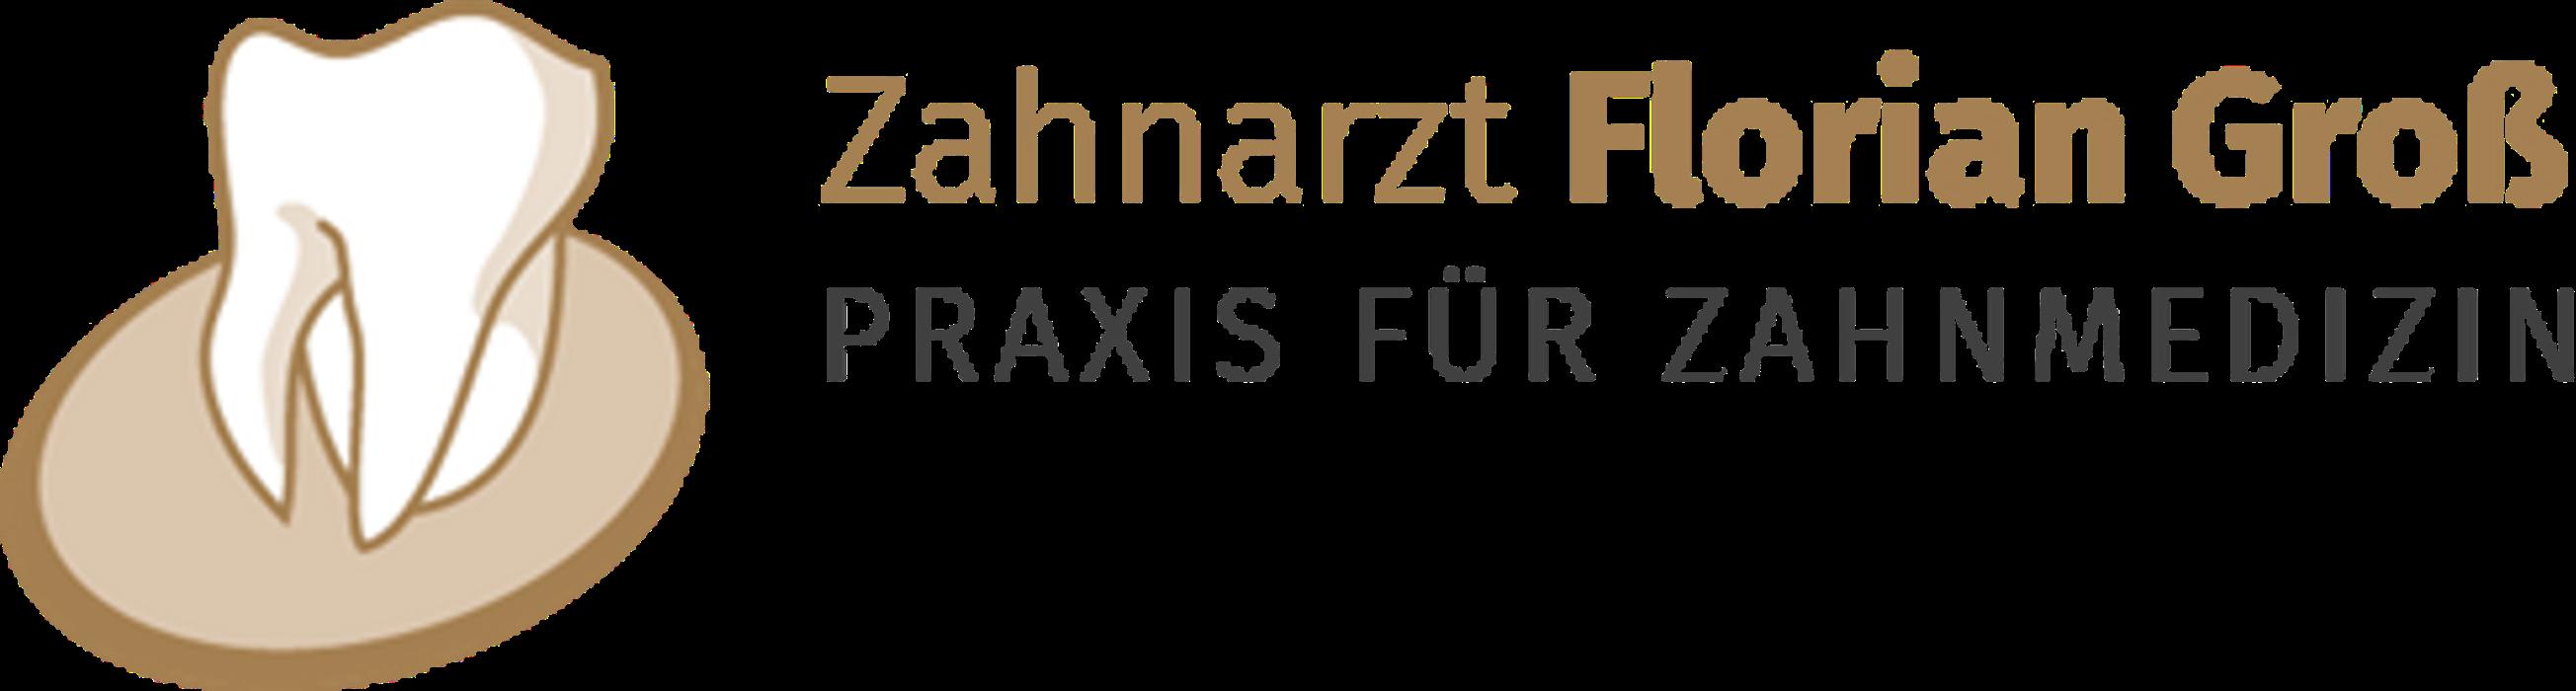 Bild zu Florian Groß Zahnarzt in Dreieich